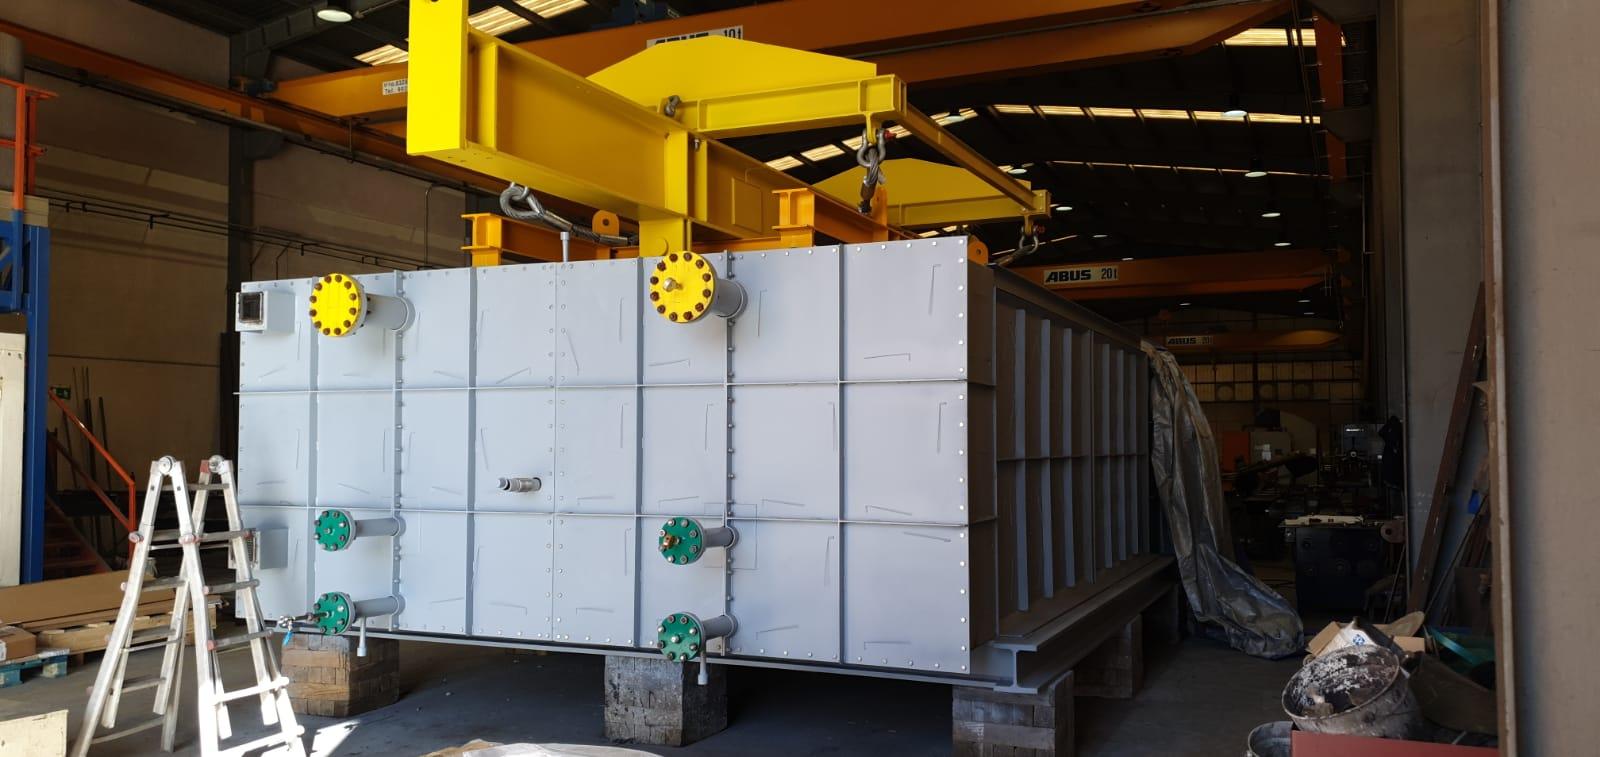 caldereria industrial repsol puertollano (1)